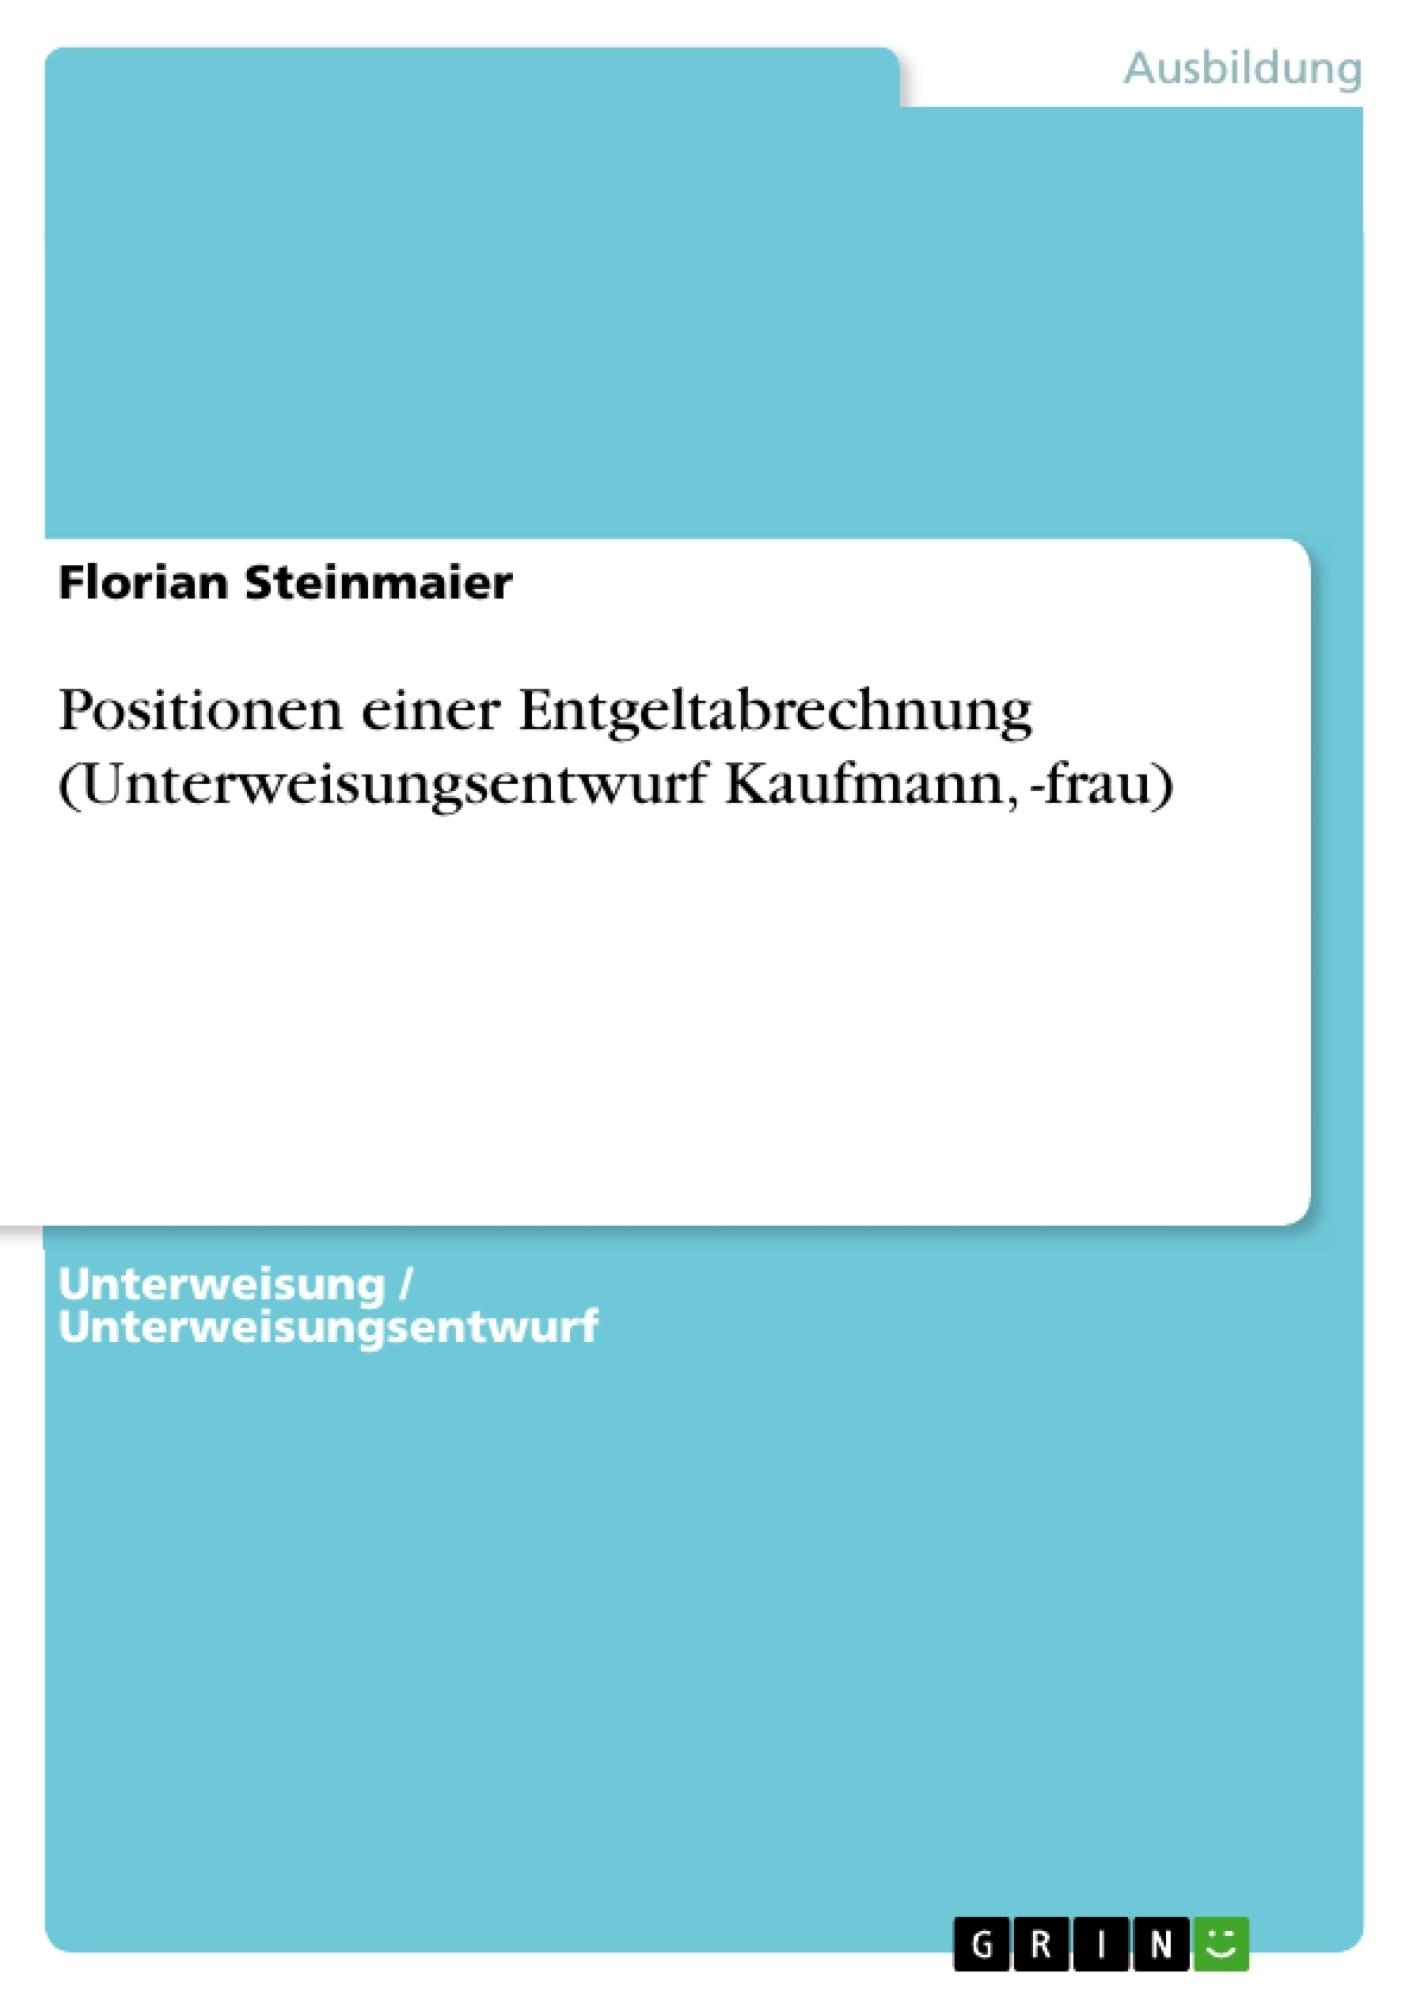 Titel: Positionen einer Entgeltabrechnung (Unterweisungsentwurf Kaufmann, -frau)